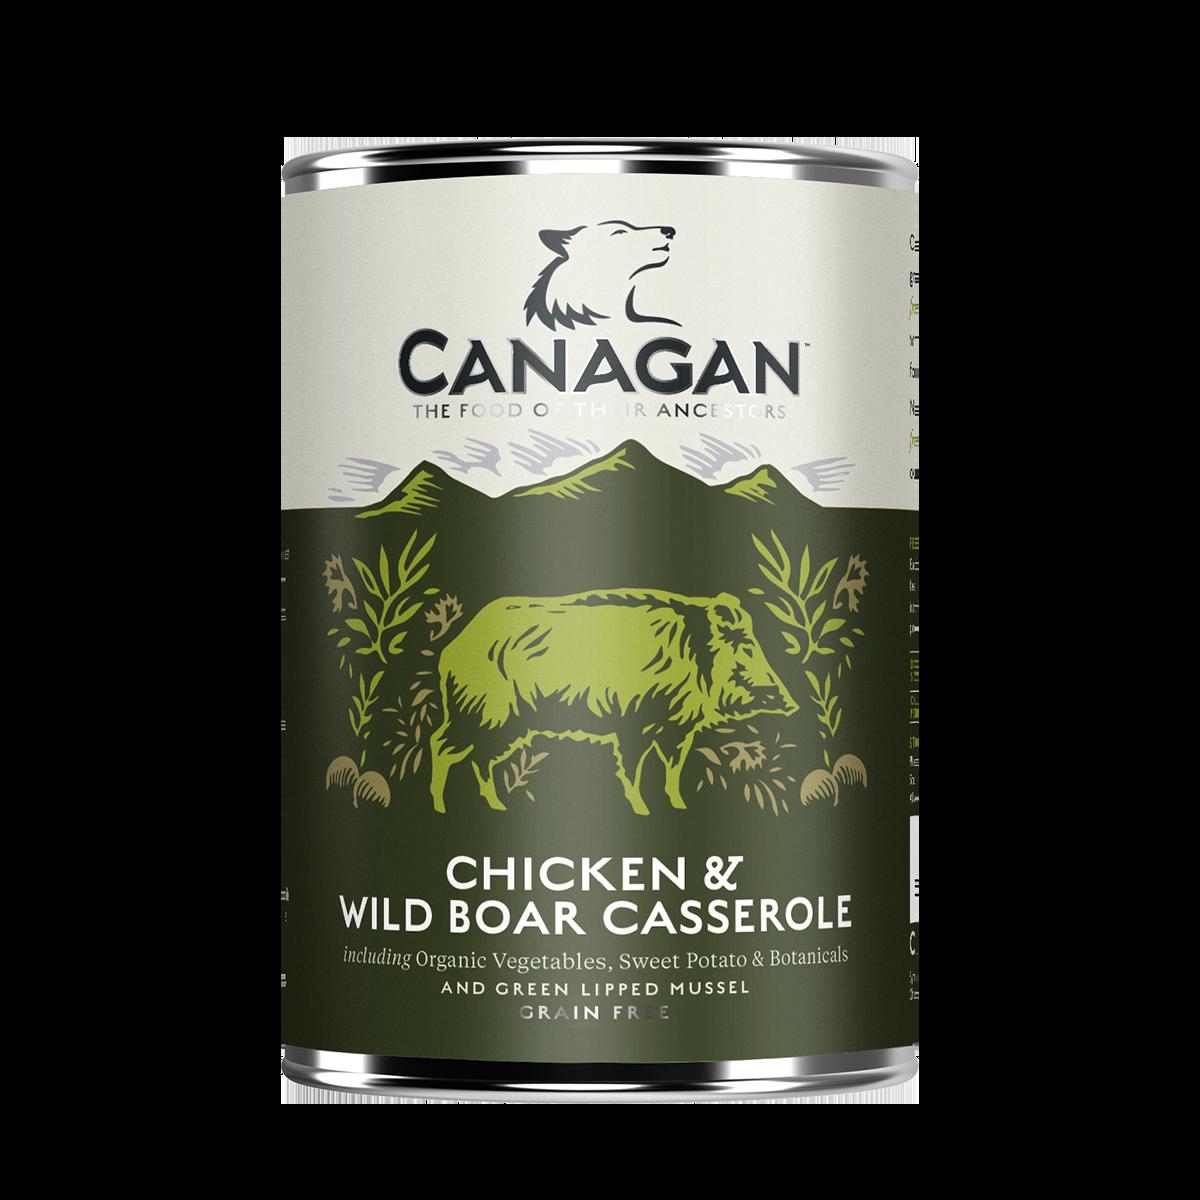 Canagan Chicken & Wild Boar Casserole 400g